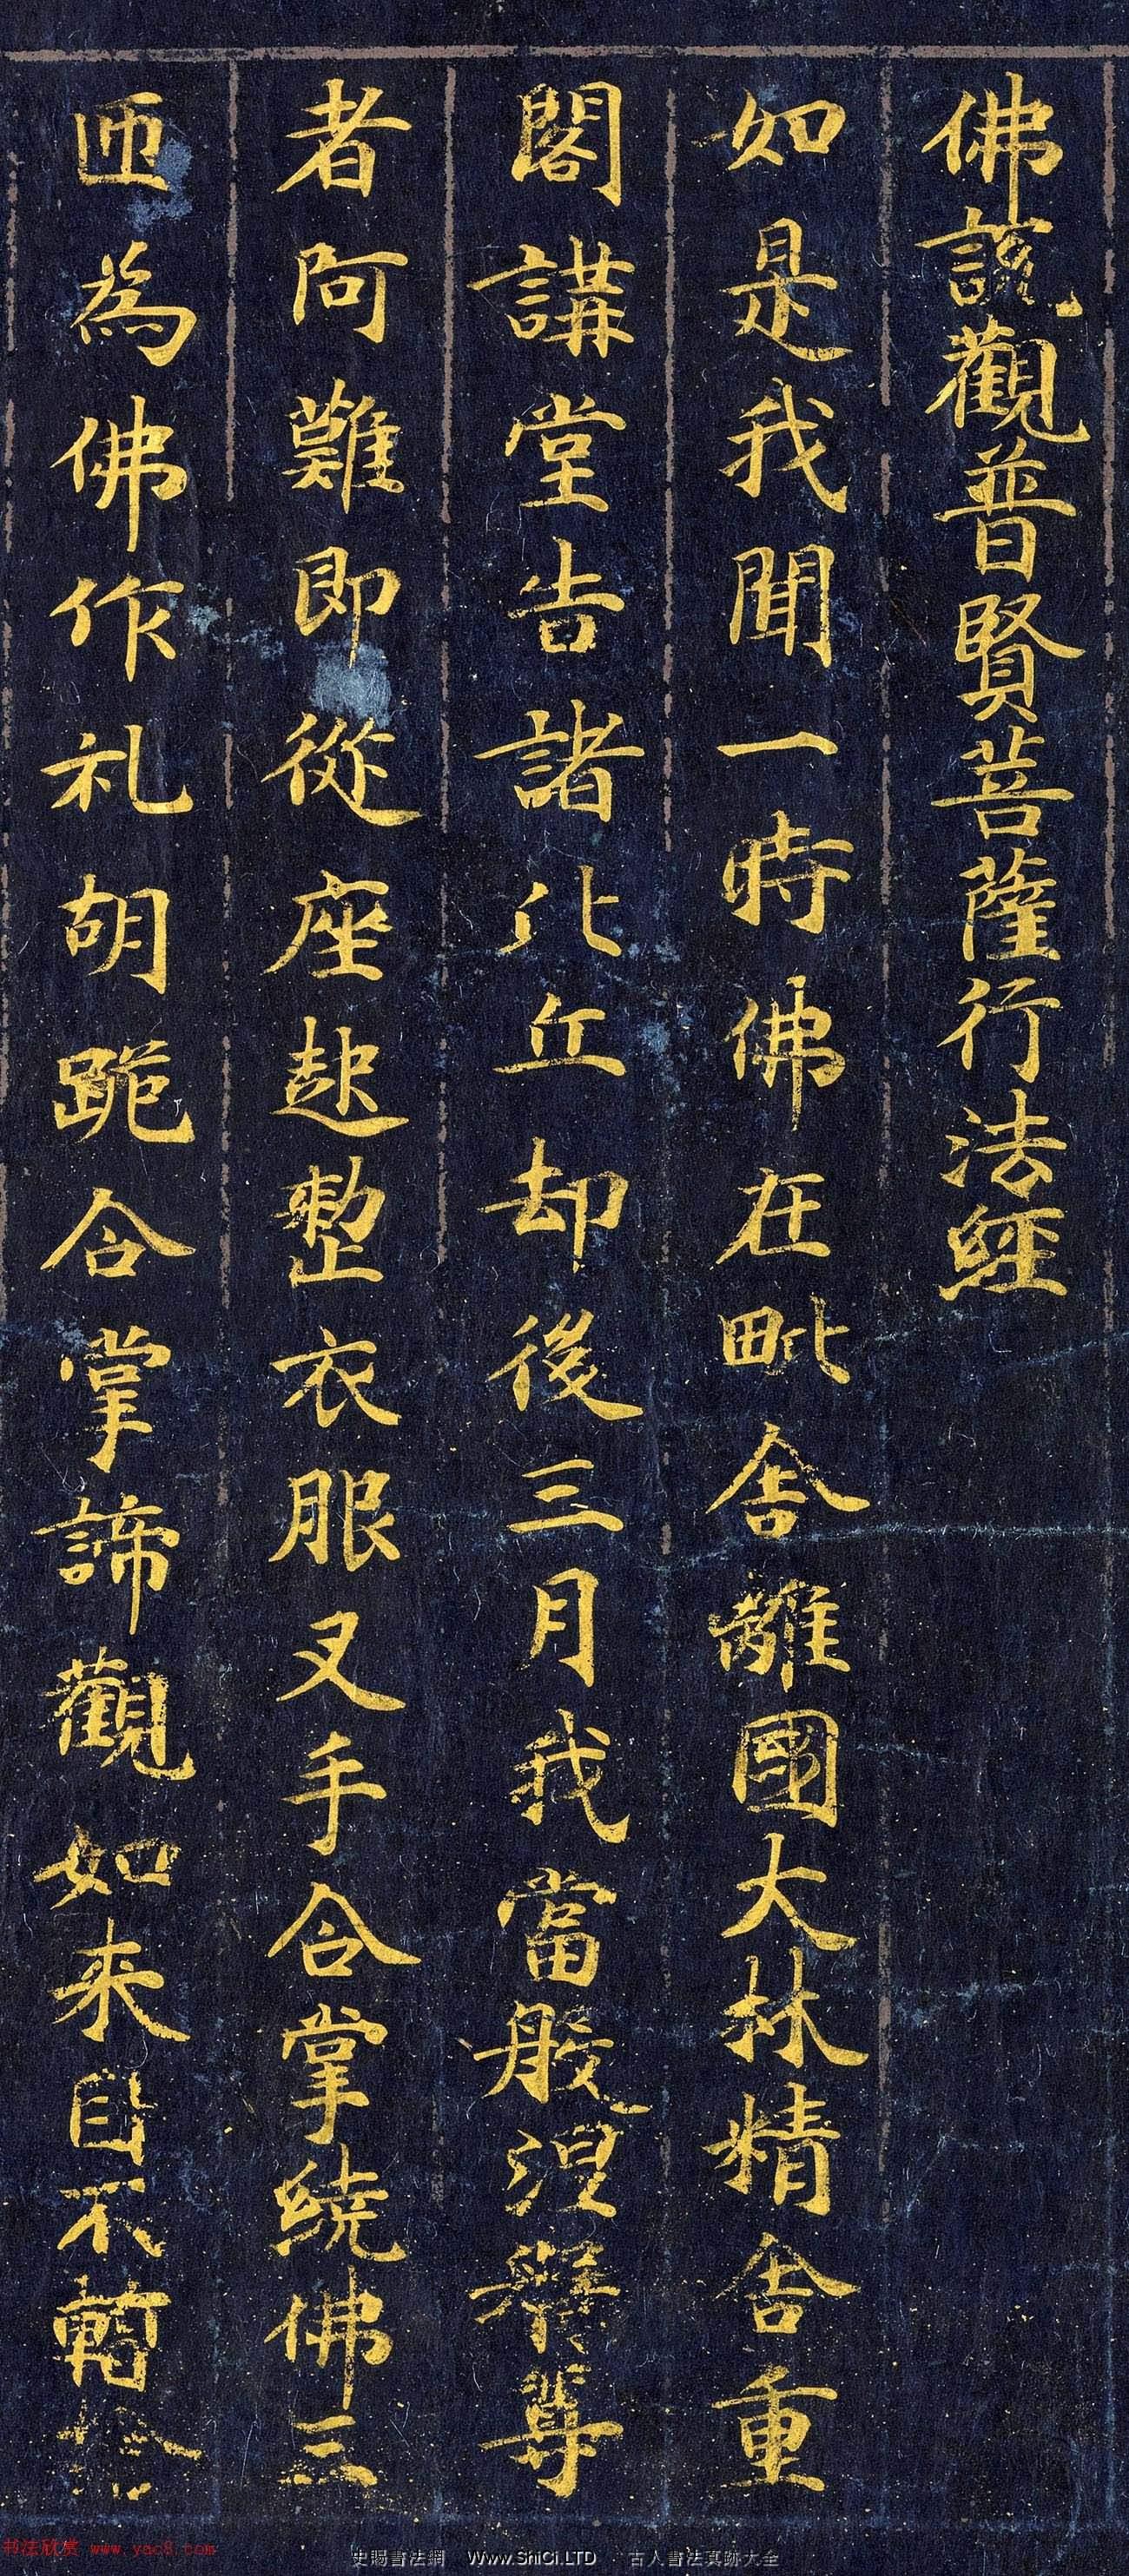 高清金字楷書《佛說觀普賢菩薩行法經》(共36張圖片)